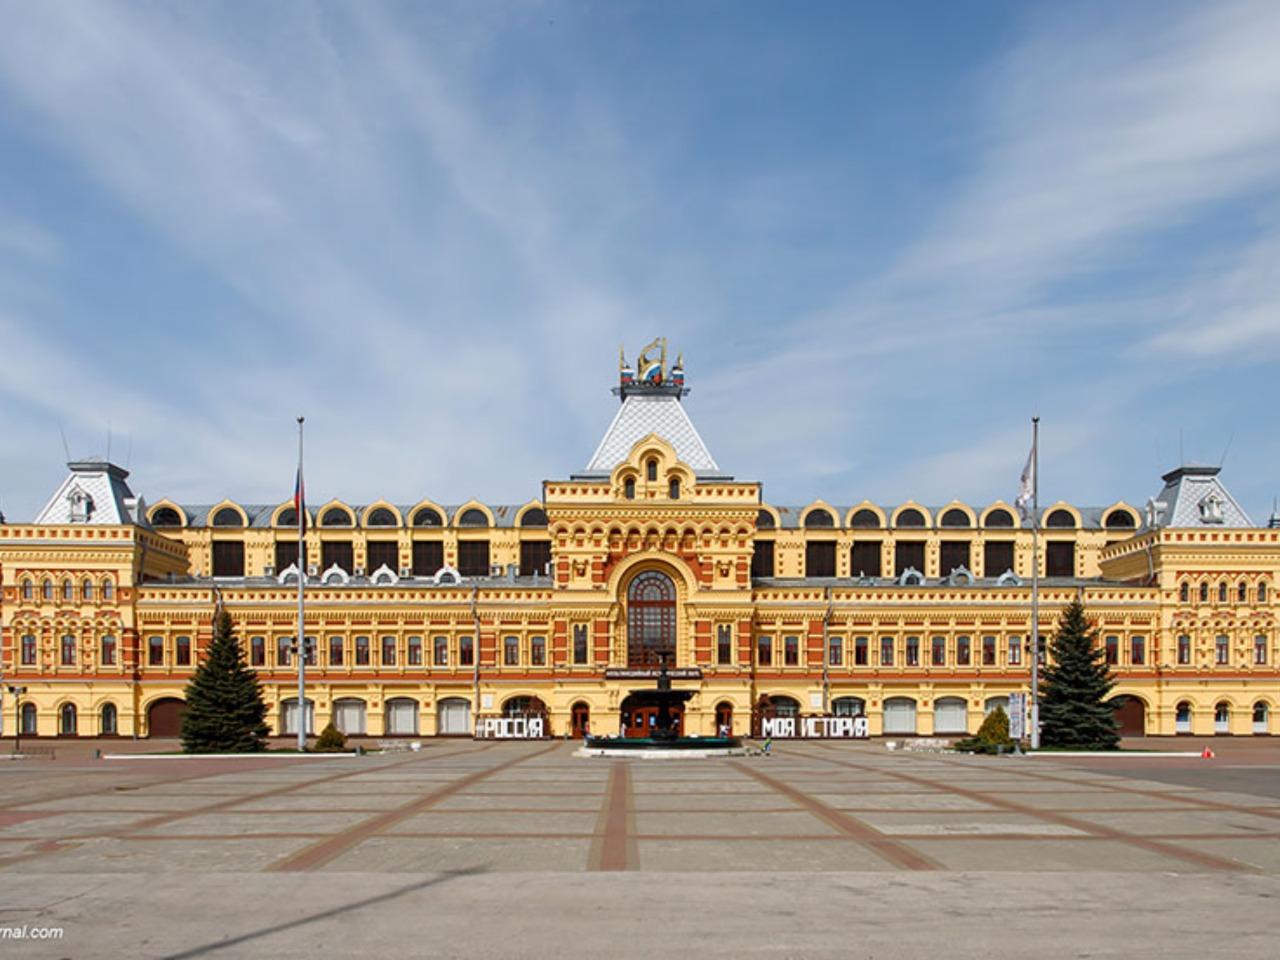 Купеческий Нижний Новгород - индивидуальная экскурсия по Нижнему Новгороду от опытного гида